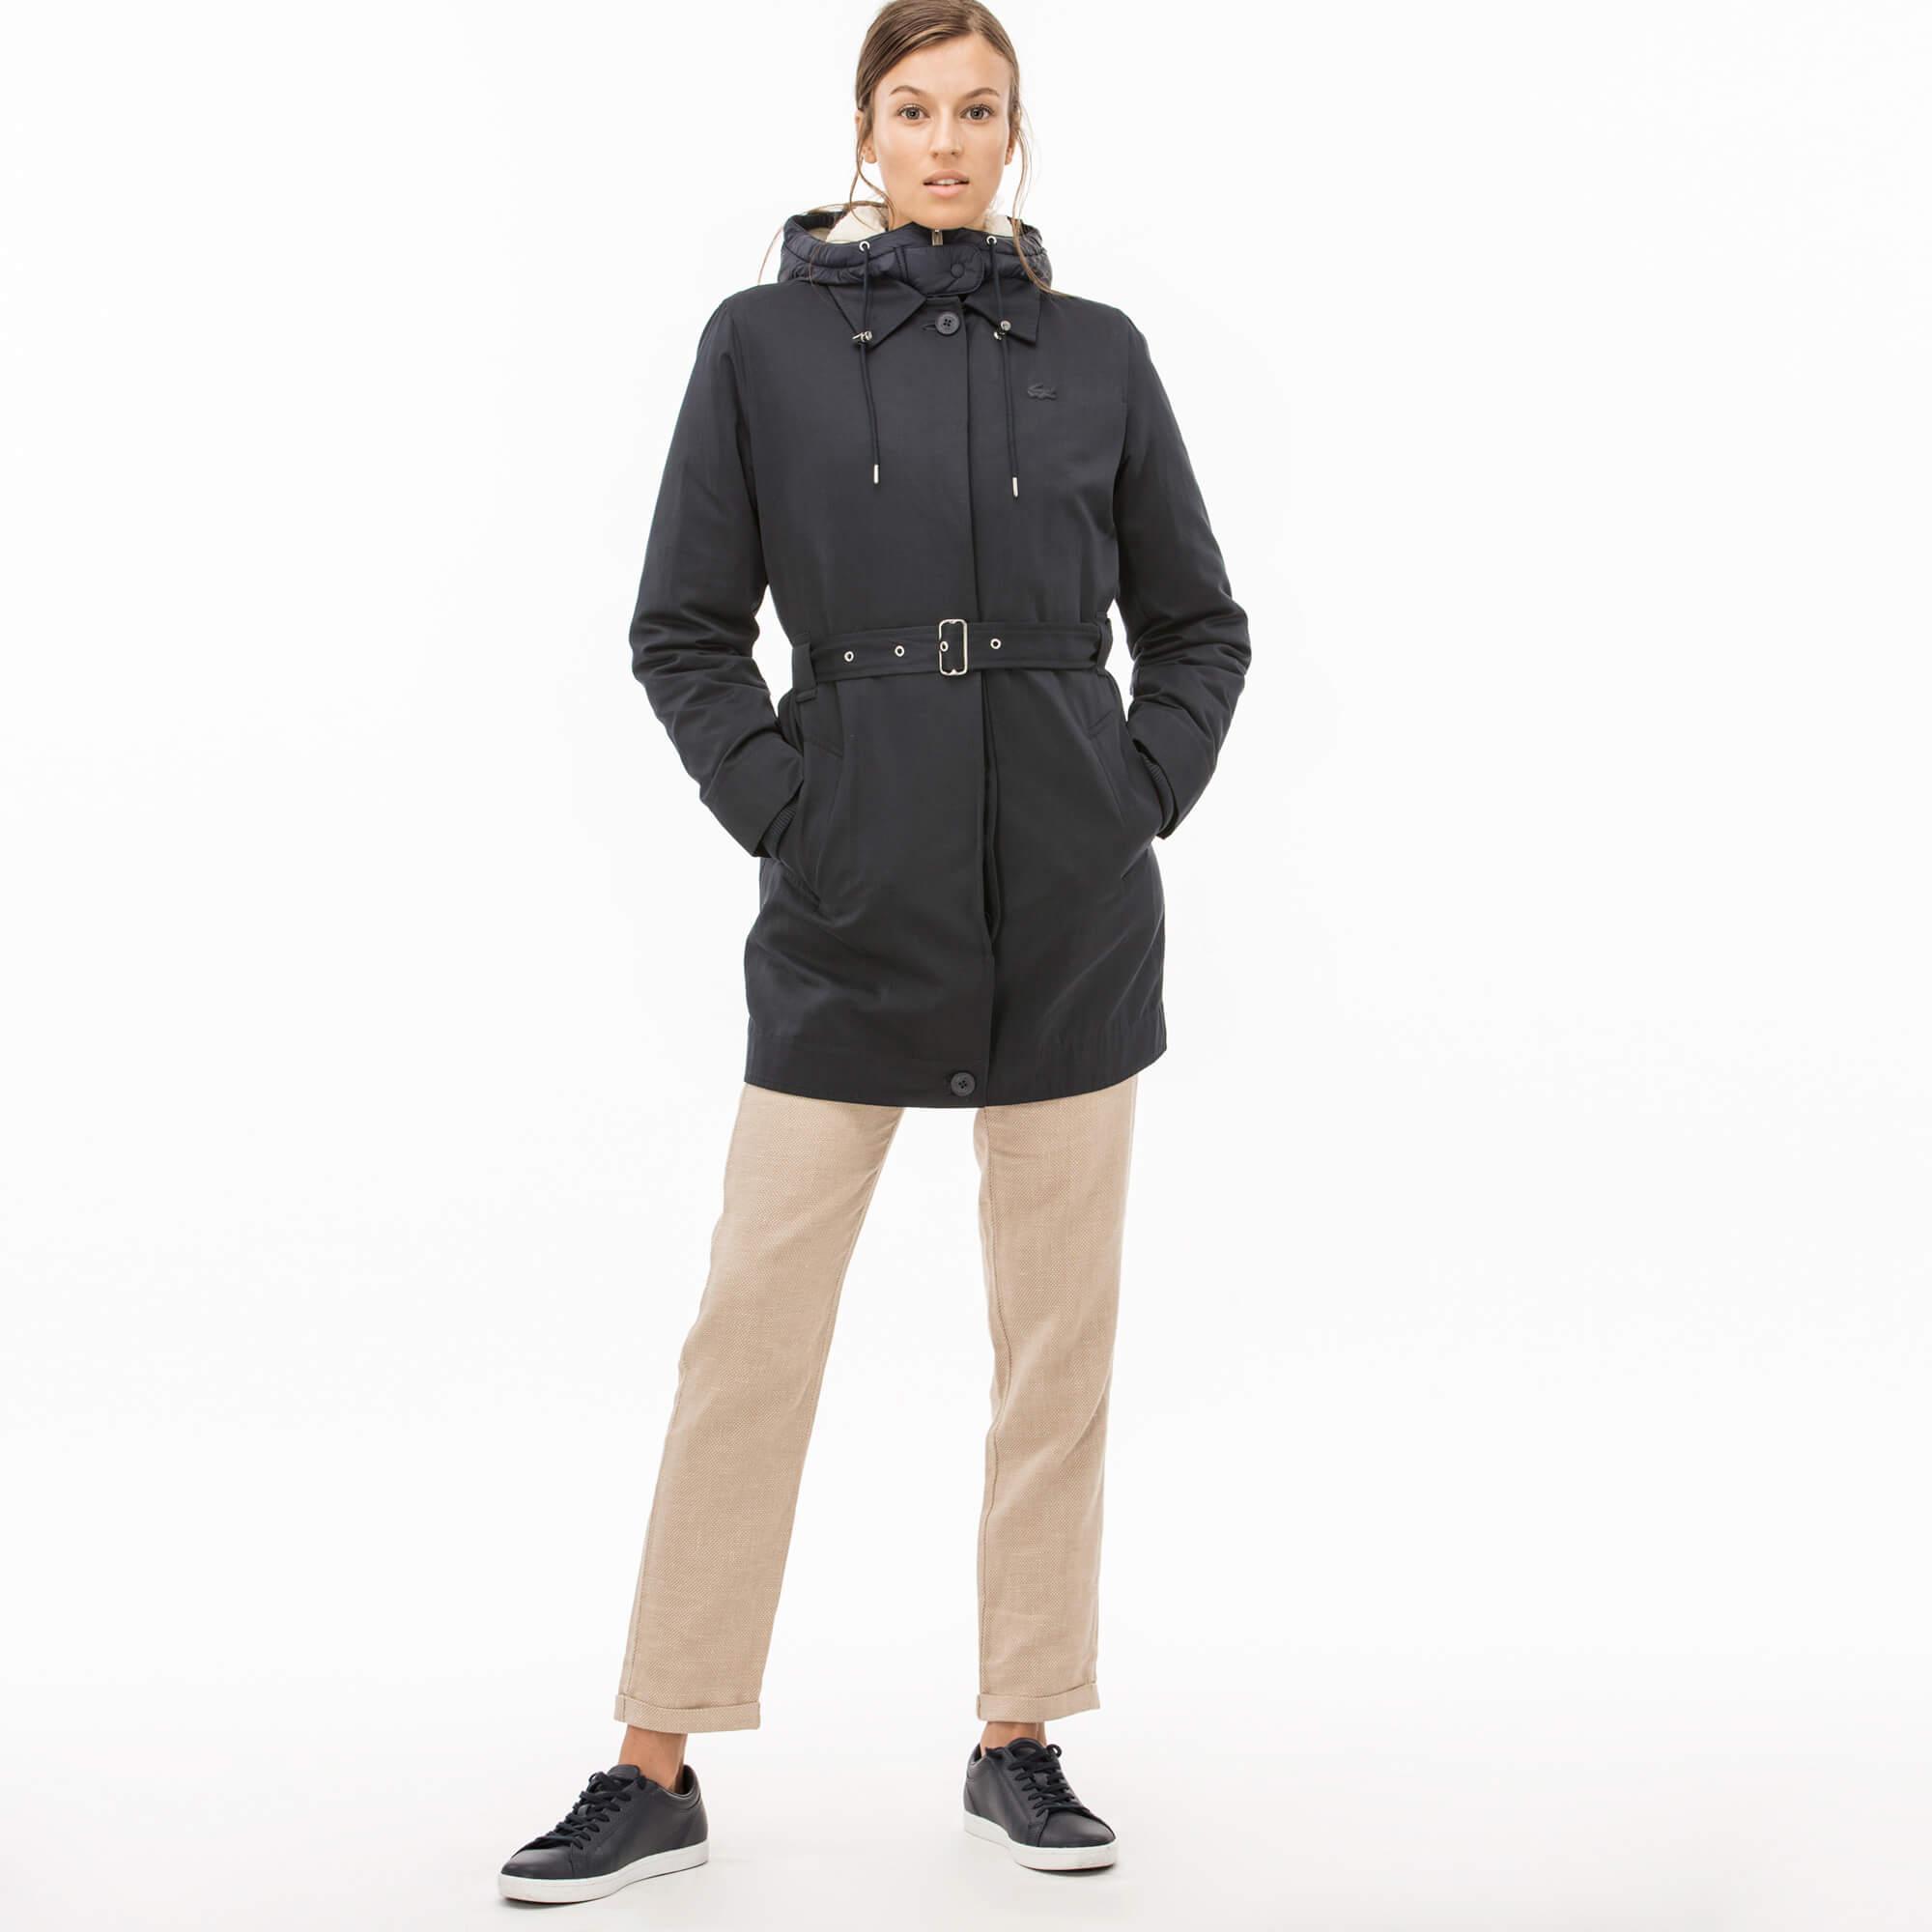 Куртка LacosteВерхняя одежда<br>Детали: 3 в 1: тренч, куртка, парка с подкладкой\Материал: 60% хлопок 40% полиэстер 60% полиэстер 40% акрил